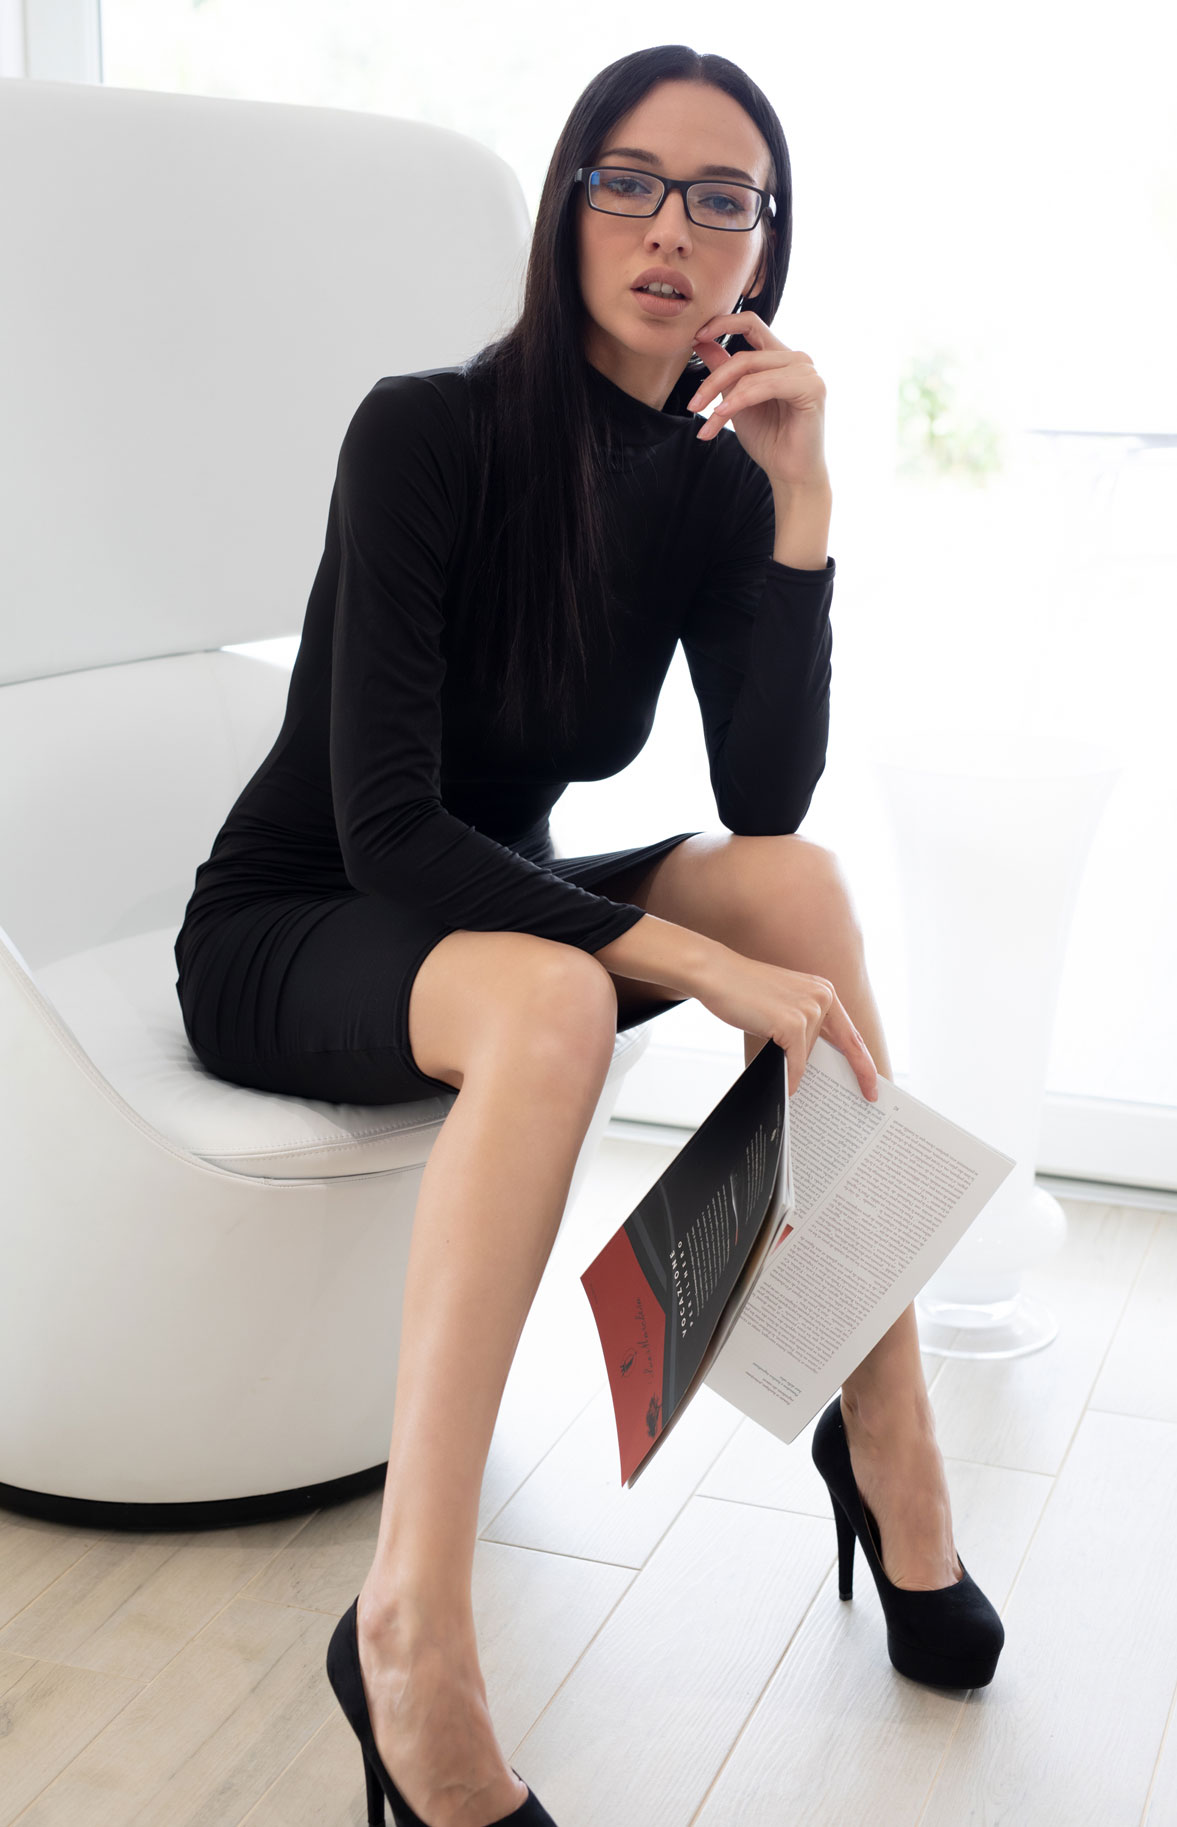 Чтение и другие радости сексуальной девушки / Анастасия Марципанова, фотограф Филиппо Сано / фото 02